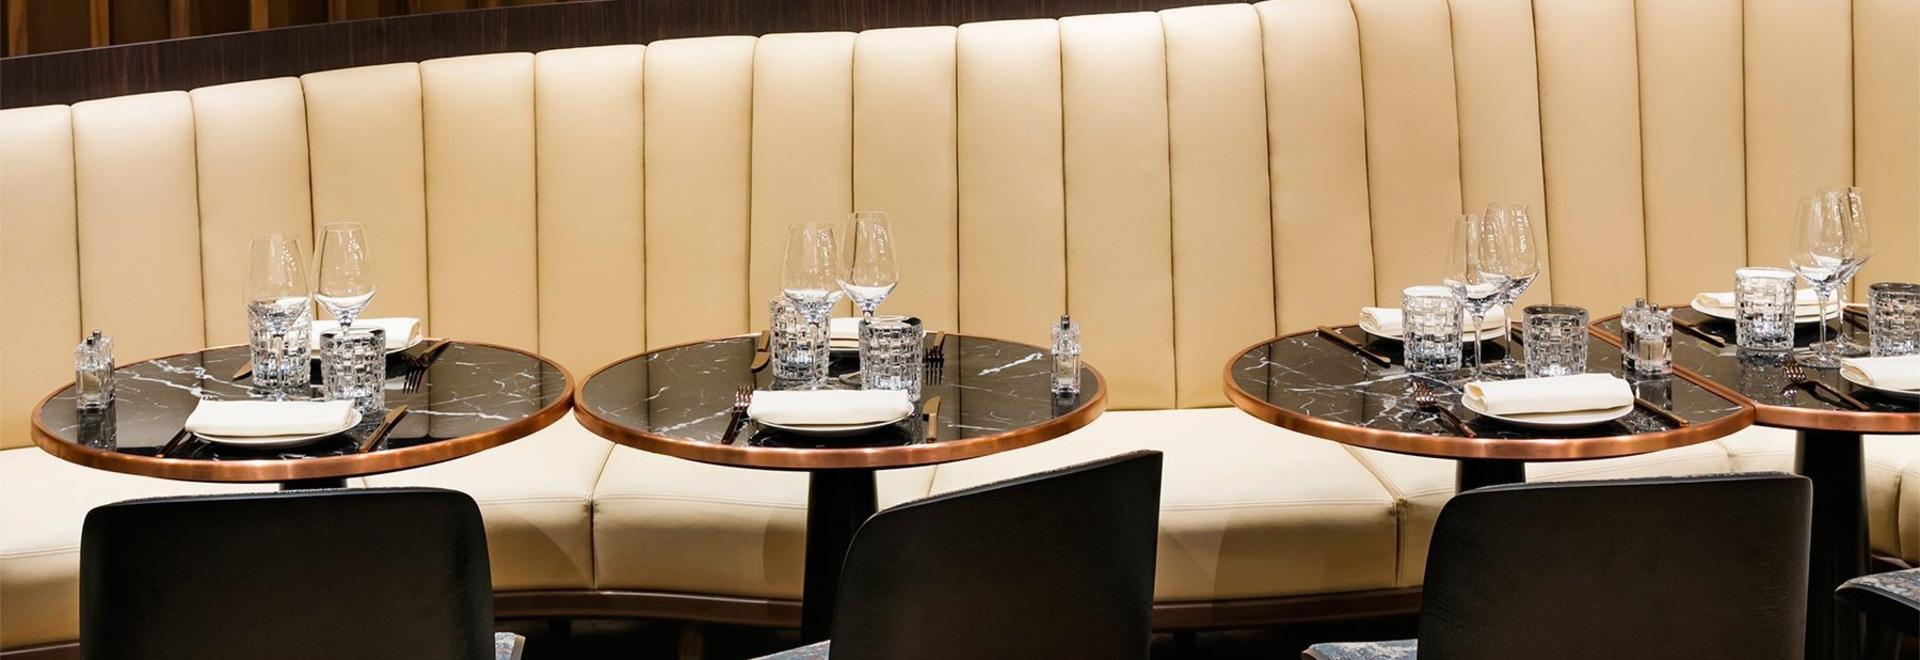 Le restaurant ODETTE à Paris